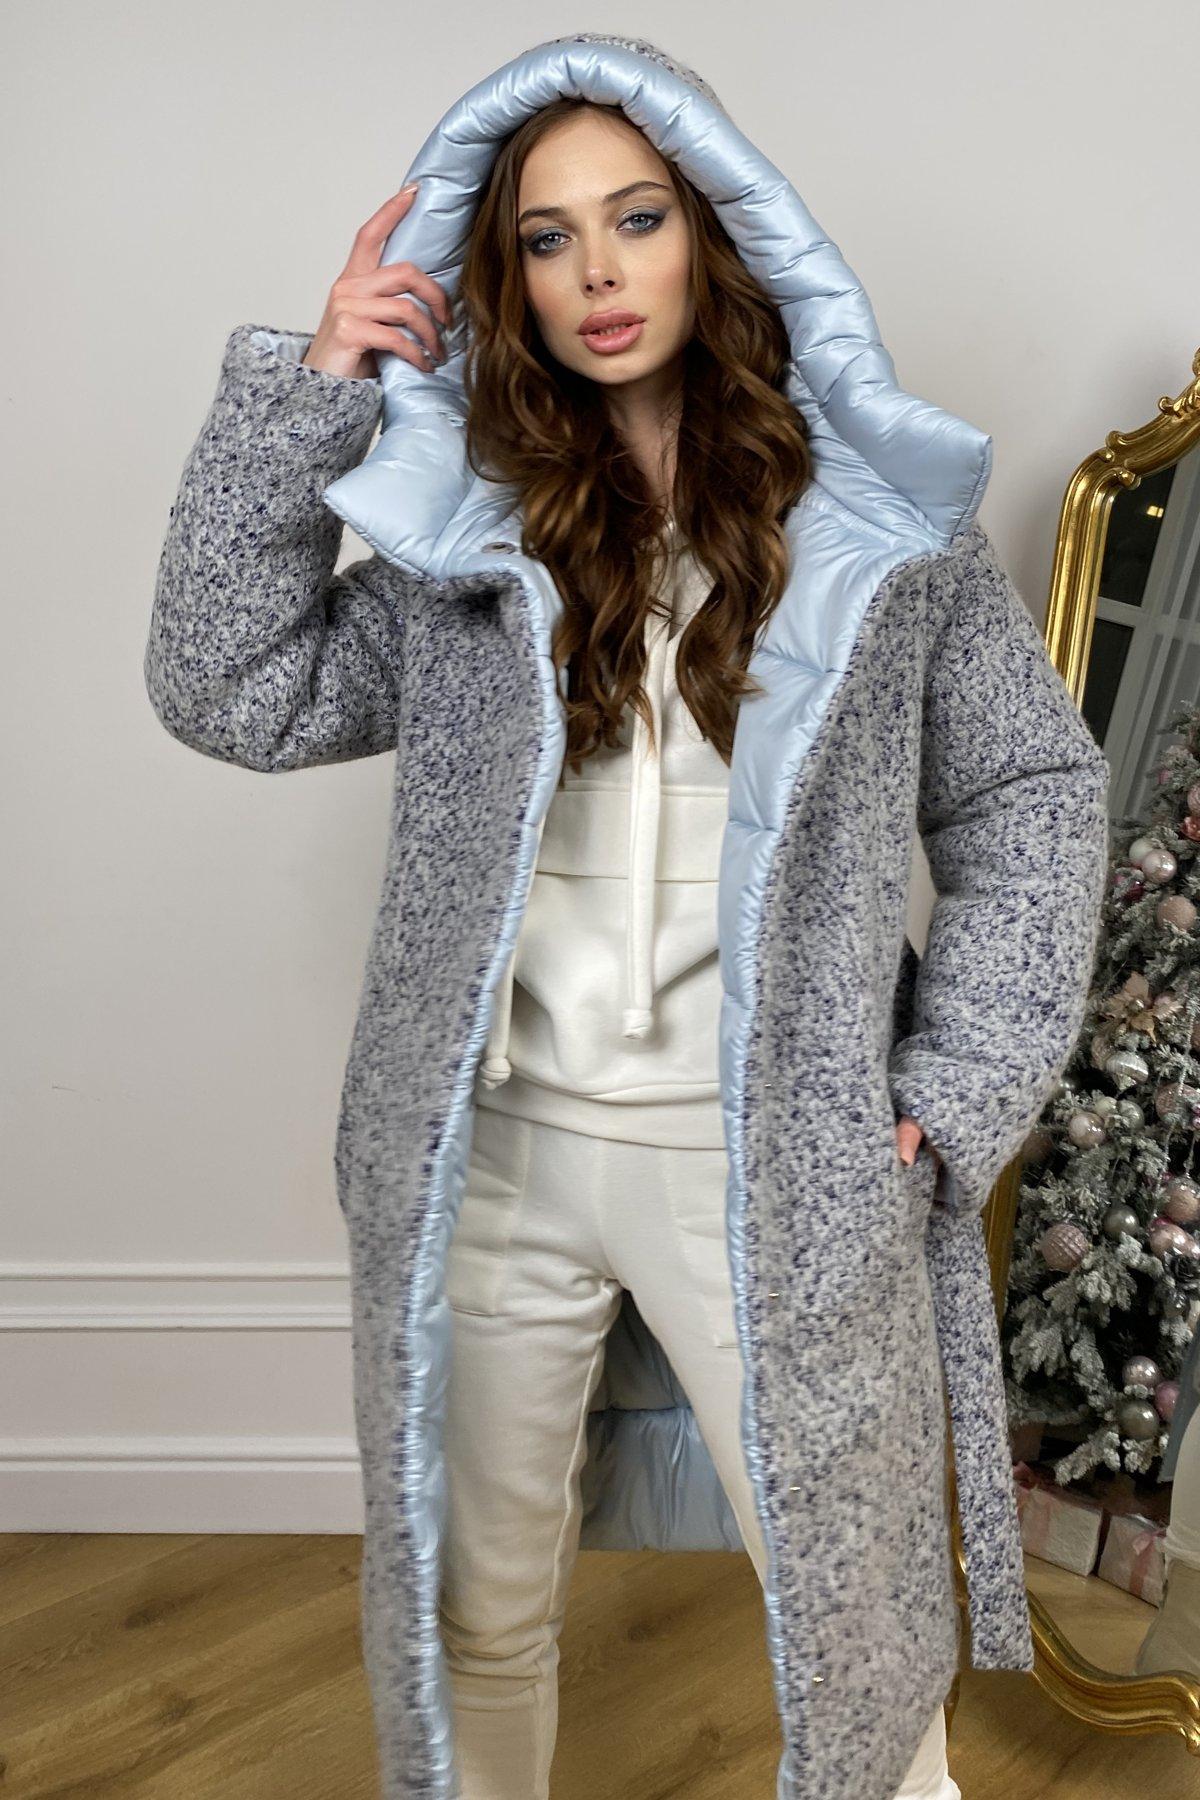 Бристоль плащевка стеганое пальто зима 10099 АРТ. 46407 Цвет: голубой/серый/голубой - фото 11, интернет магазин tm-modus.ru